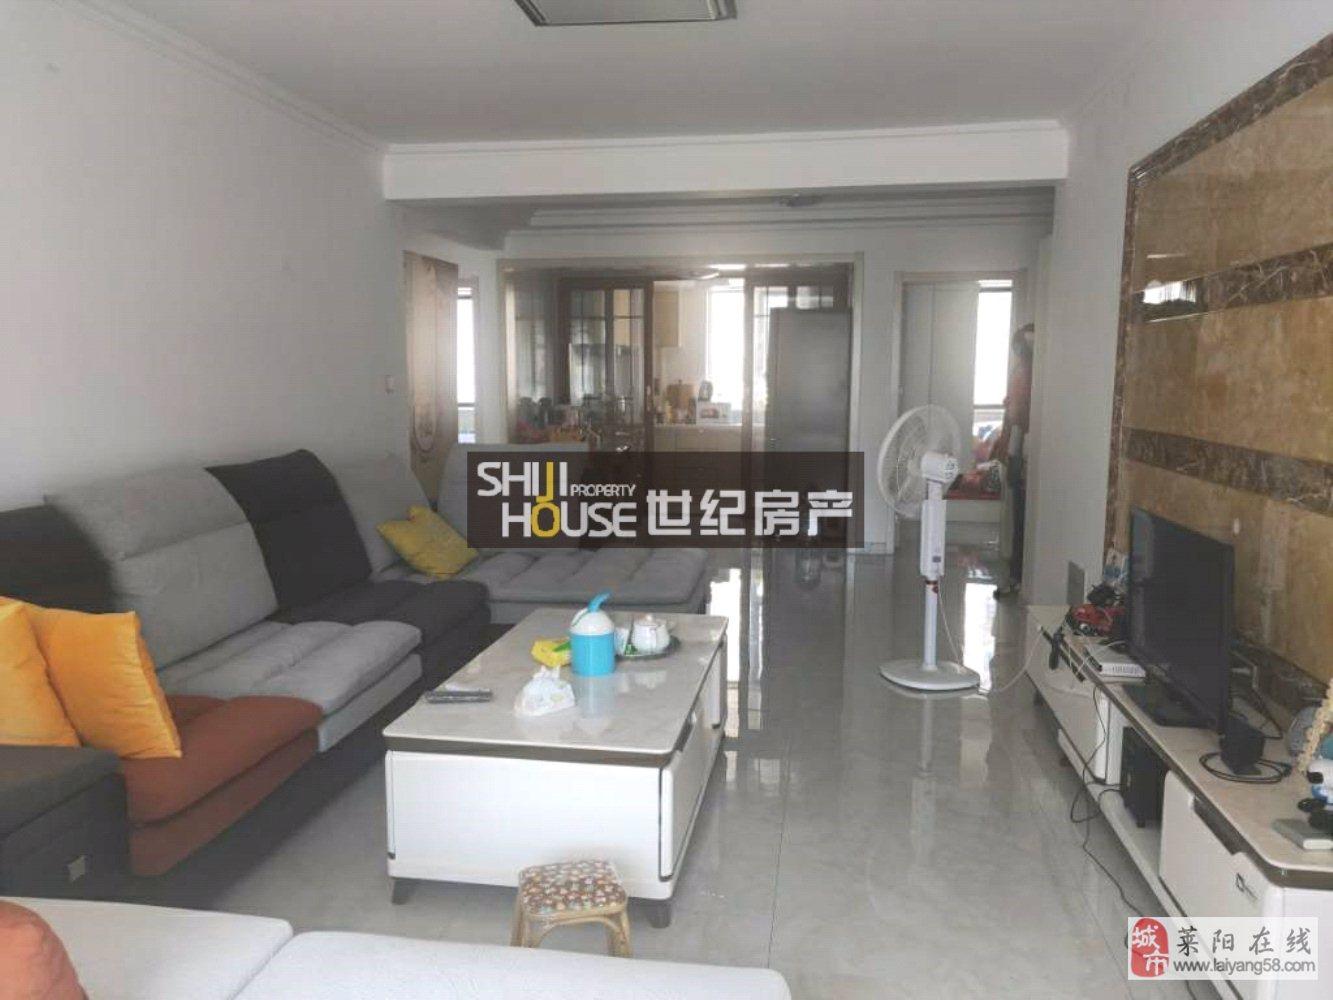 文峰片區電梯洋房精裝130平帶小房89萬急售